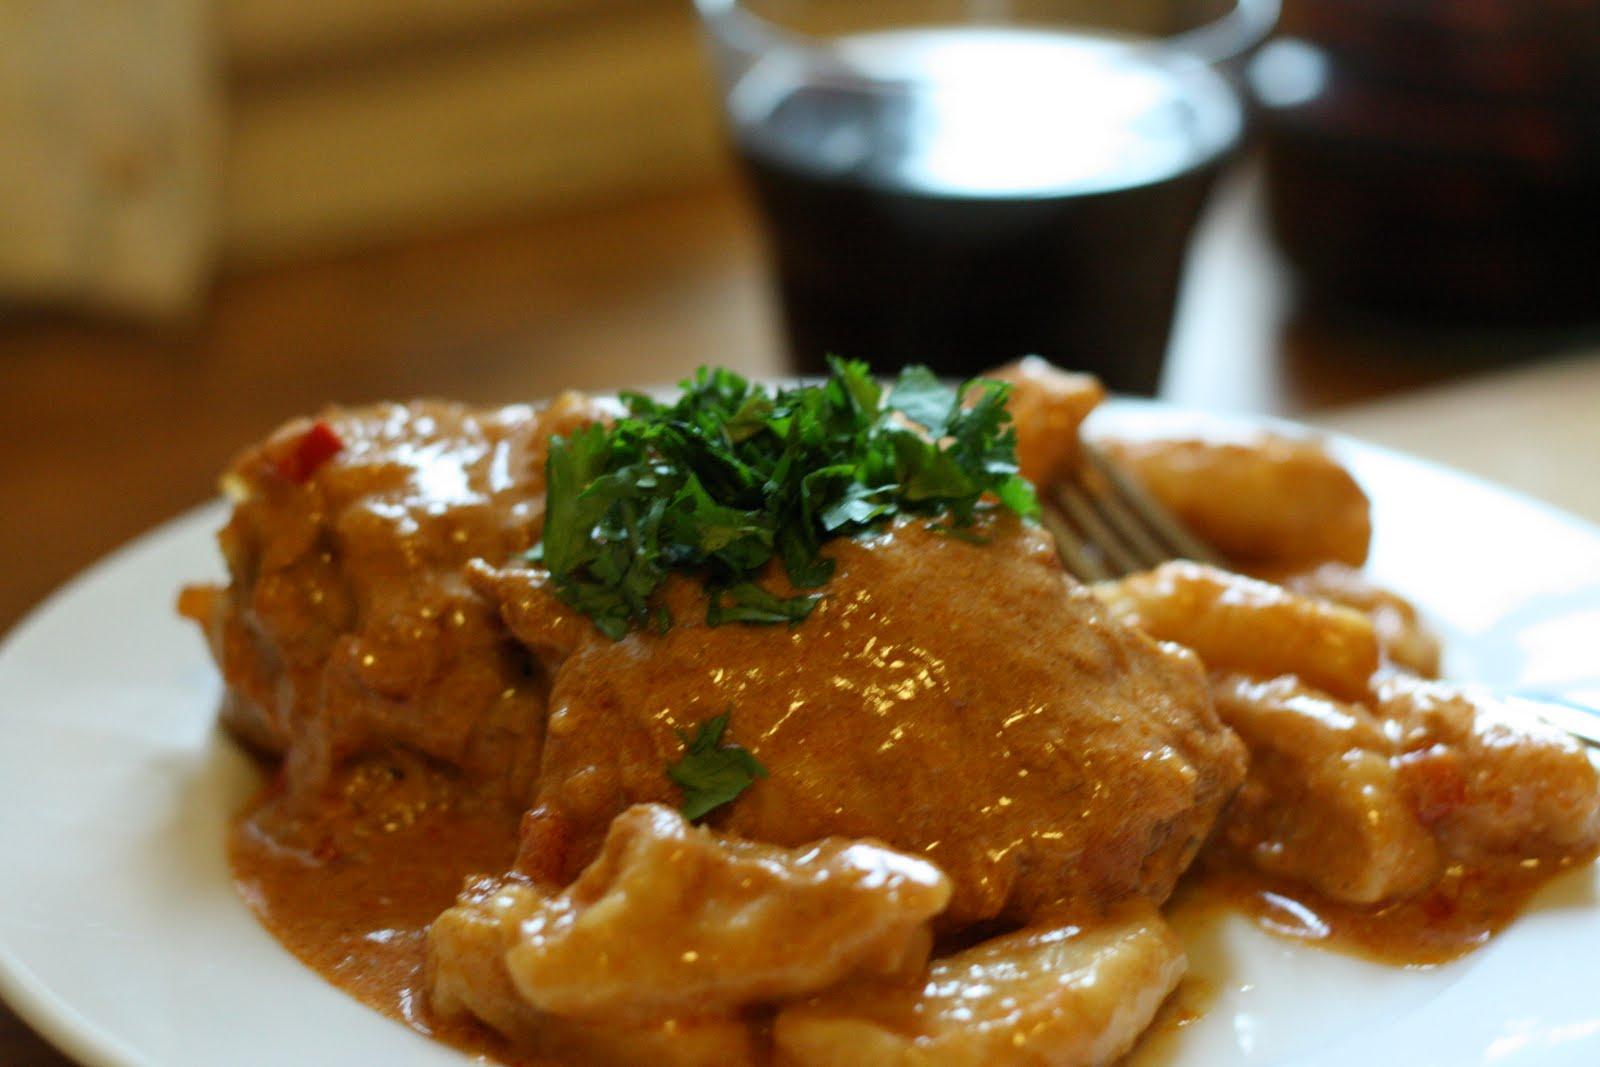 Cuisine Trail: Chicken Paprikash